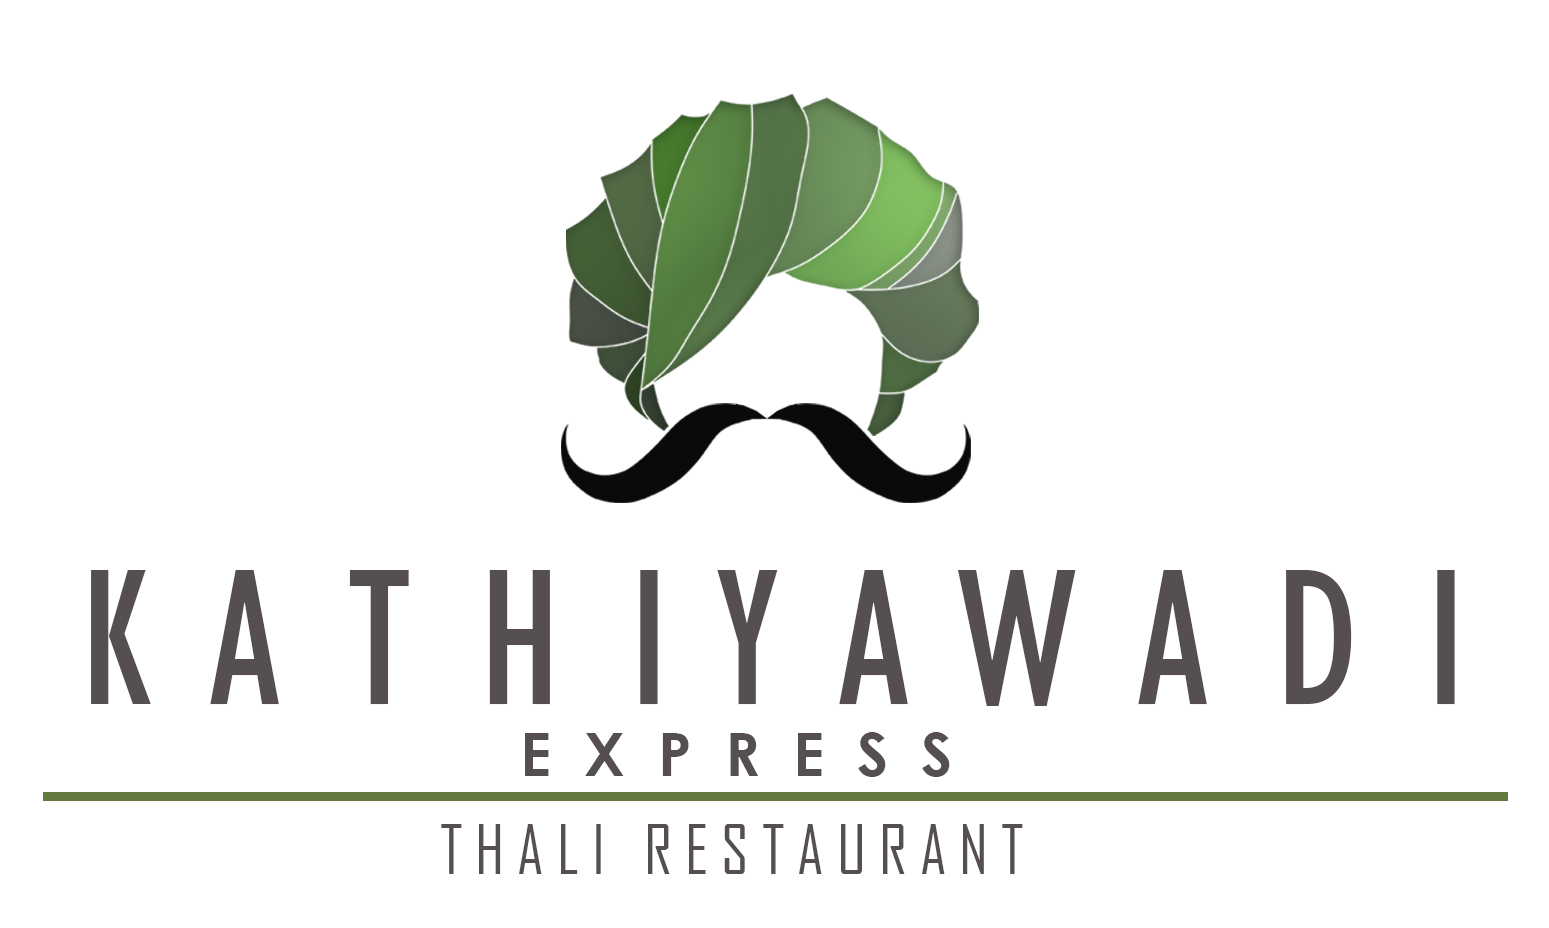 Kathiyawadi Express